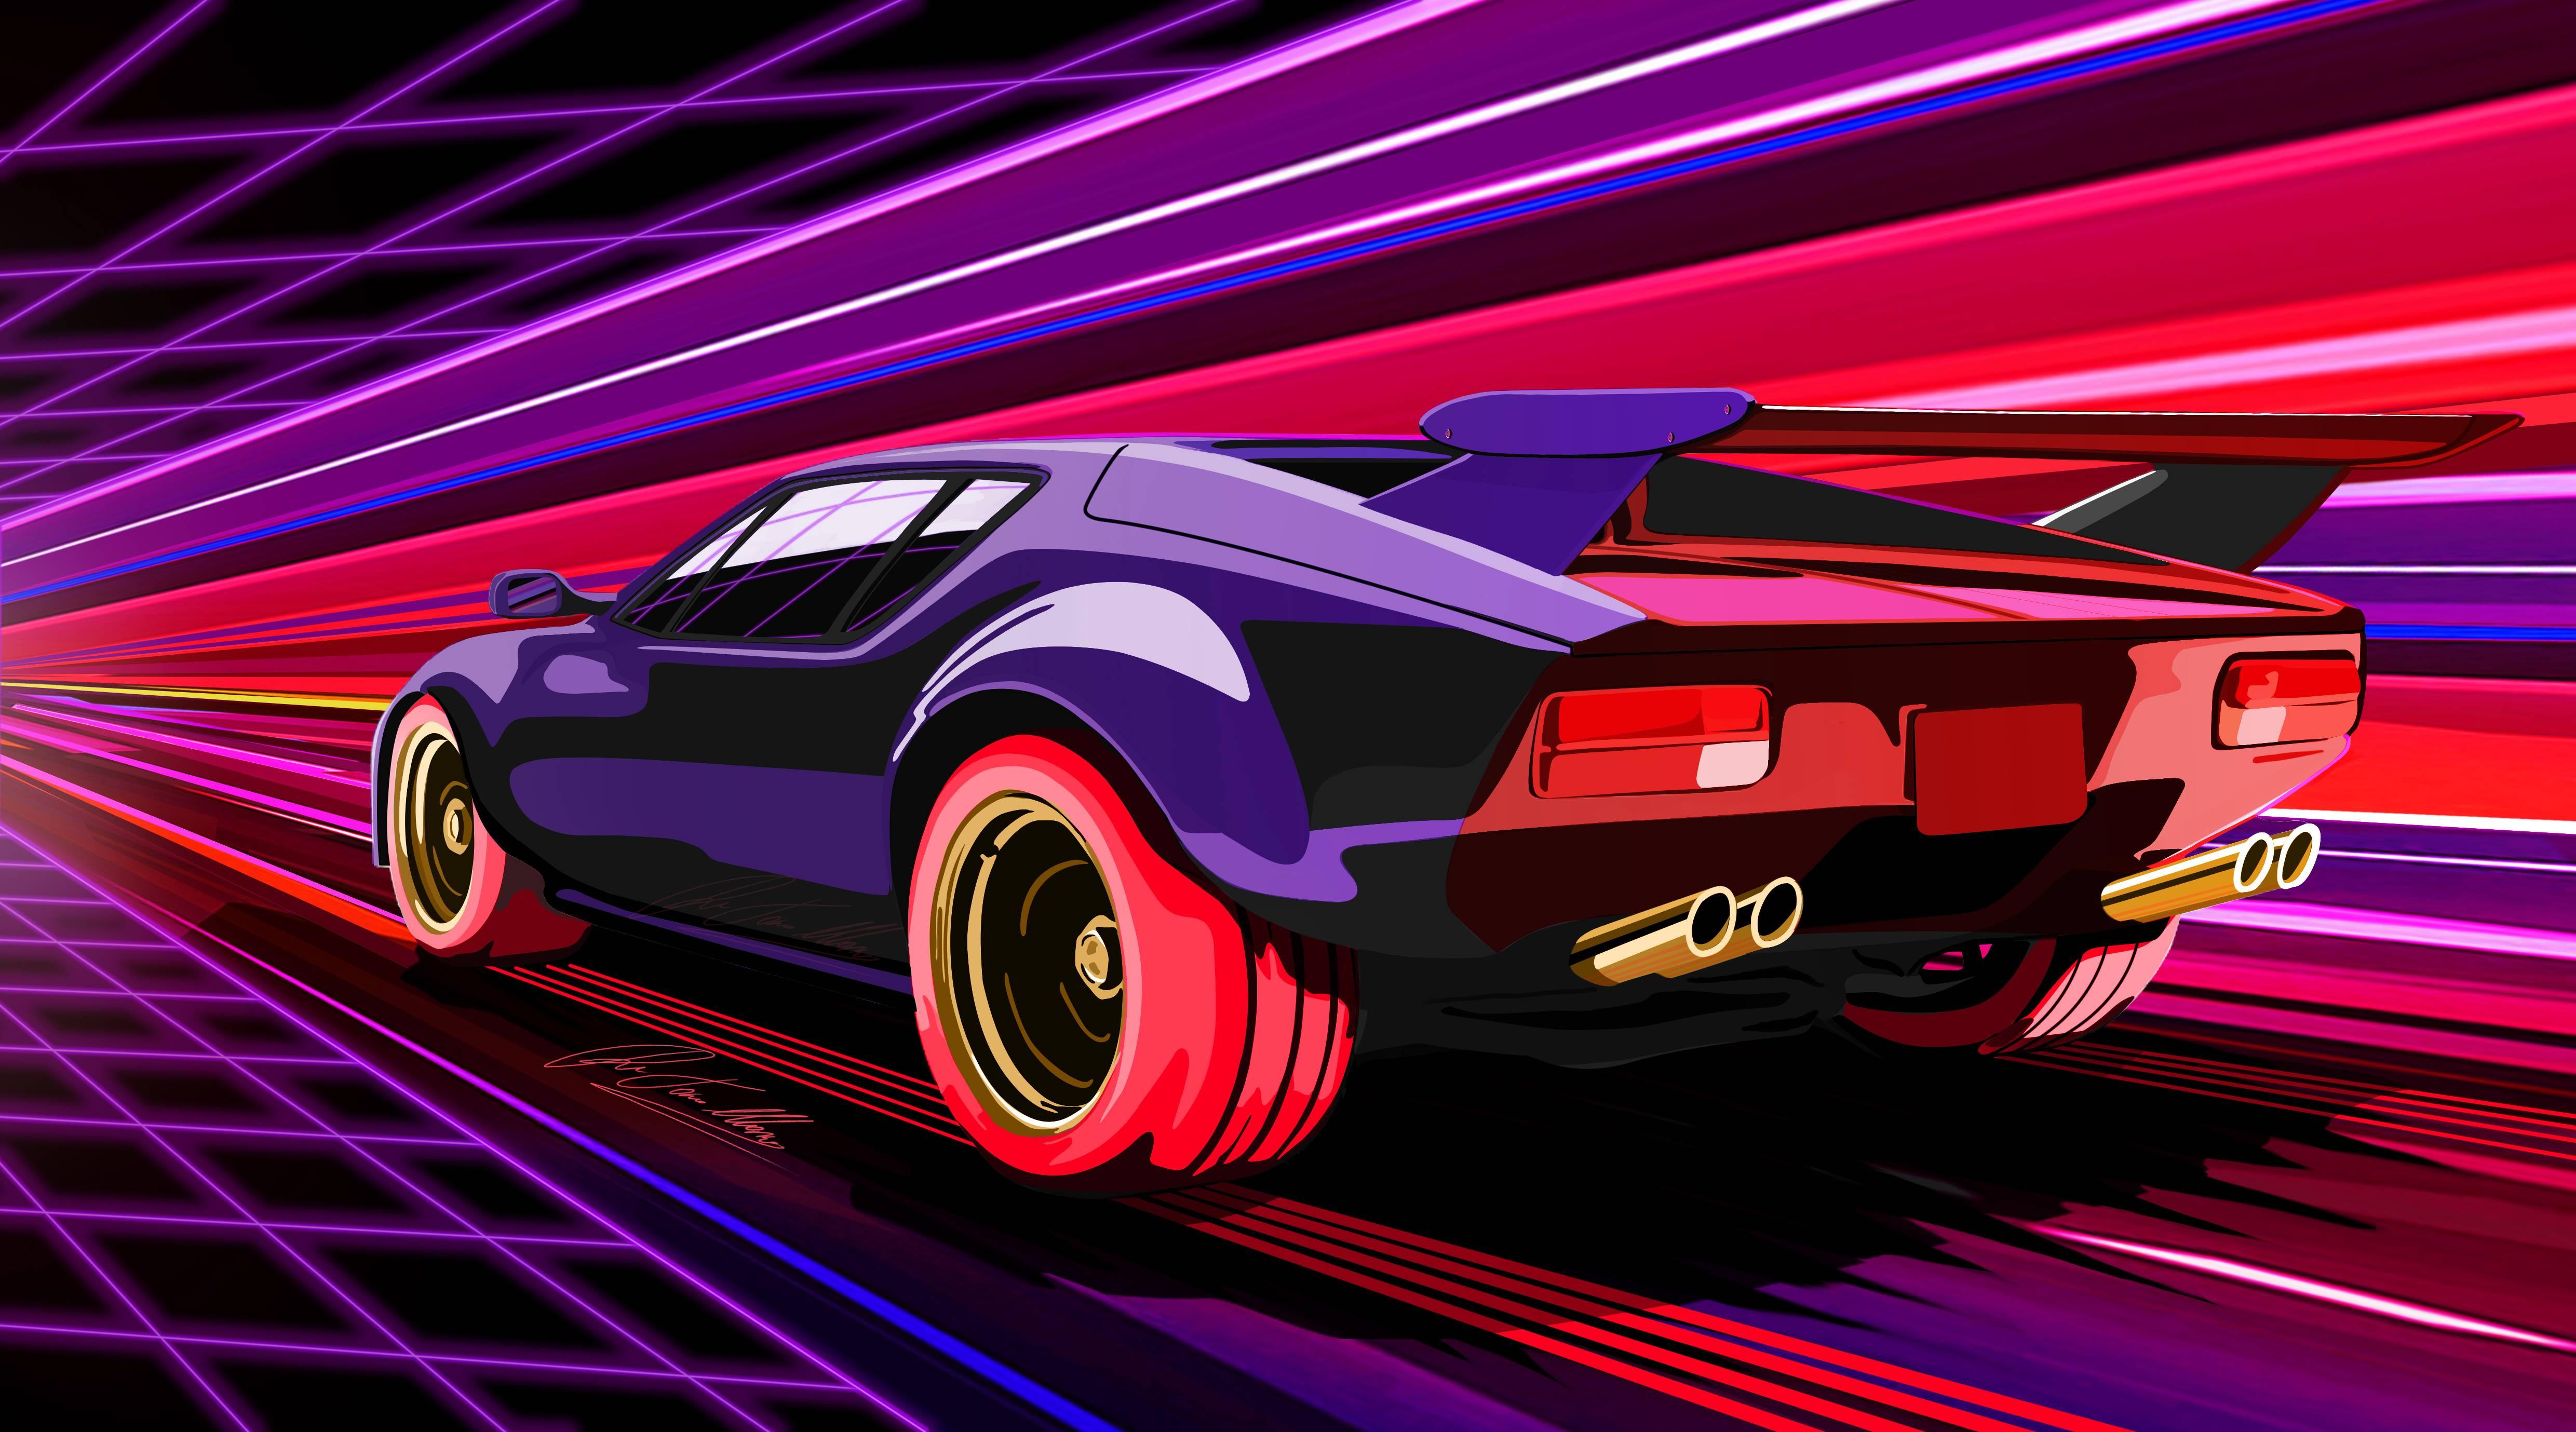 1980 Pantera Car Artwork Hd Artist 4k Wallpapers Images